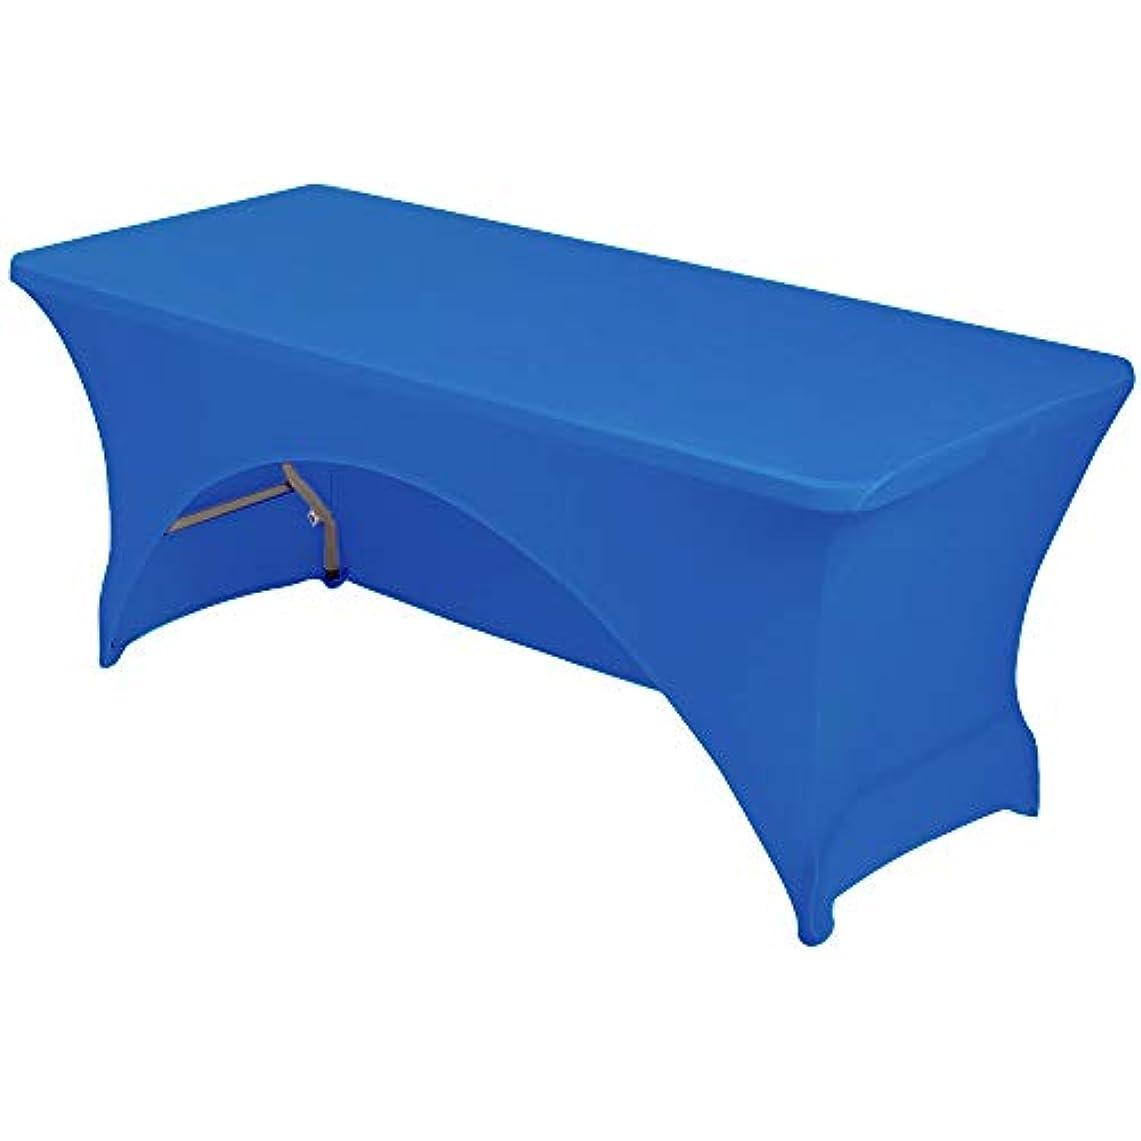 ぬれた命令幸運YOYO HOME 長さ185×幅76×高さ76cm ポータブルベッドクロス 折りたたみベッド ポータブルベッド 整体ベッド マッサージ台 施術ベッド 施術台 エステベッド マッサージ 整体 ベッドを使う